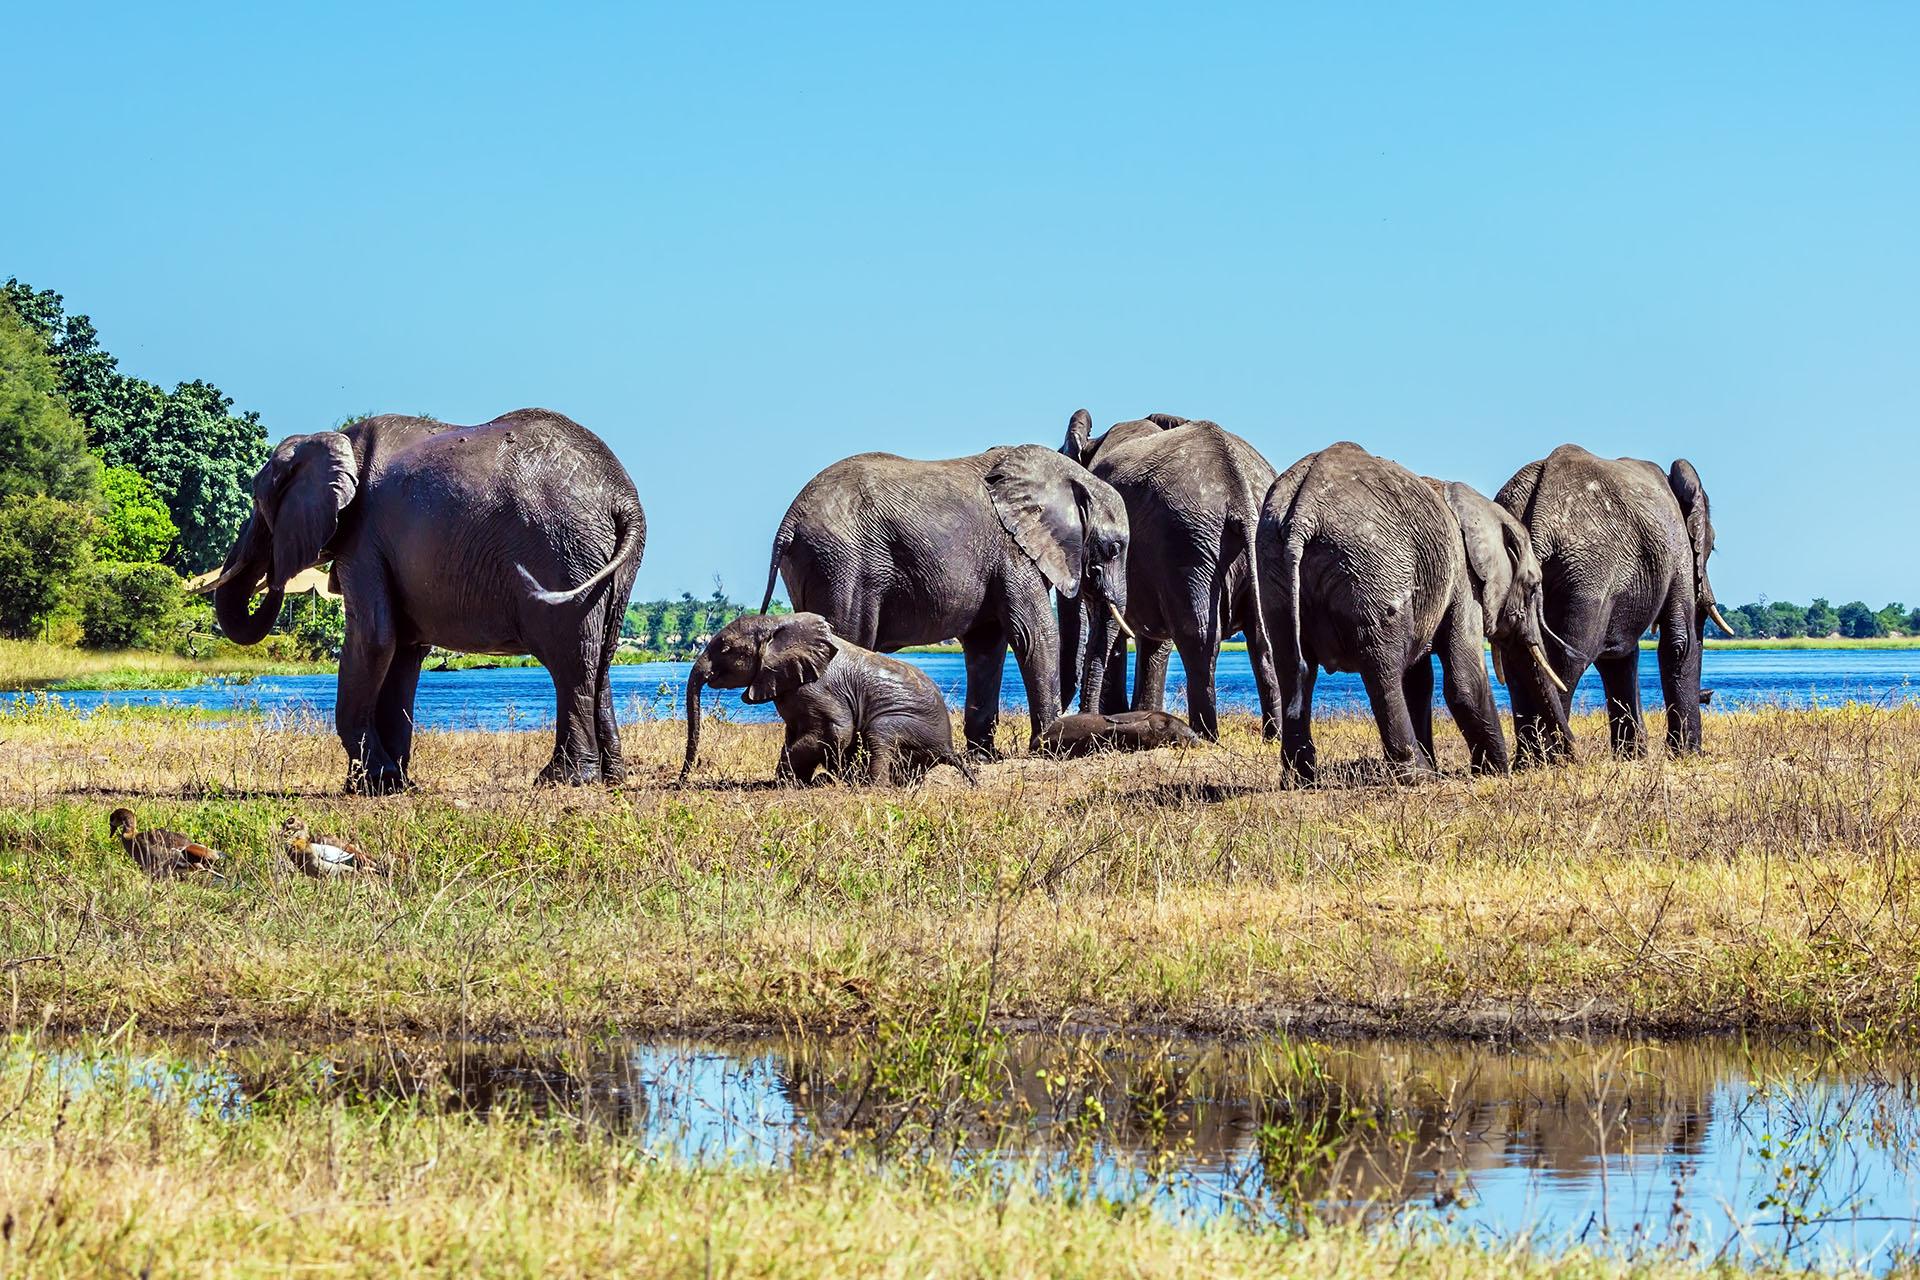 Safari mit Kindern, Okavango Delta Botswana, Botswana Rundreise, Rundreise BOTSWANA, individuelle Rundreise BOTSWANA, Mietwagenrundreise BOTSWANA, Reise BOTSWANA, erlebe BOTSWANA, Selbstfahrer BOTSWANA, Kleingruppenreise BOTSWANA, BOTSWANA auf eigene Faust, Gruppenreise BOTSWANA, Urlaub in BOTSWANA, Ferien in BOTSWANA, Familienreise BOTSWANA, Flitterwochen BOTSWANA, Hochzeitsreise BOTSWANA, Safari Botswana